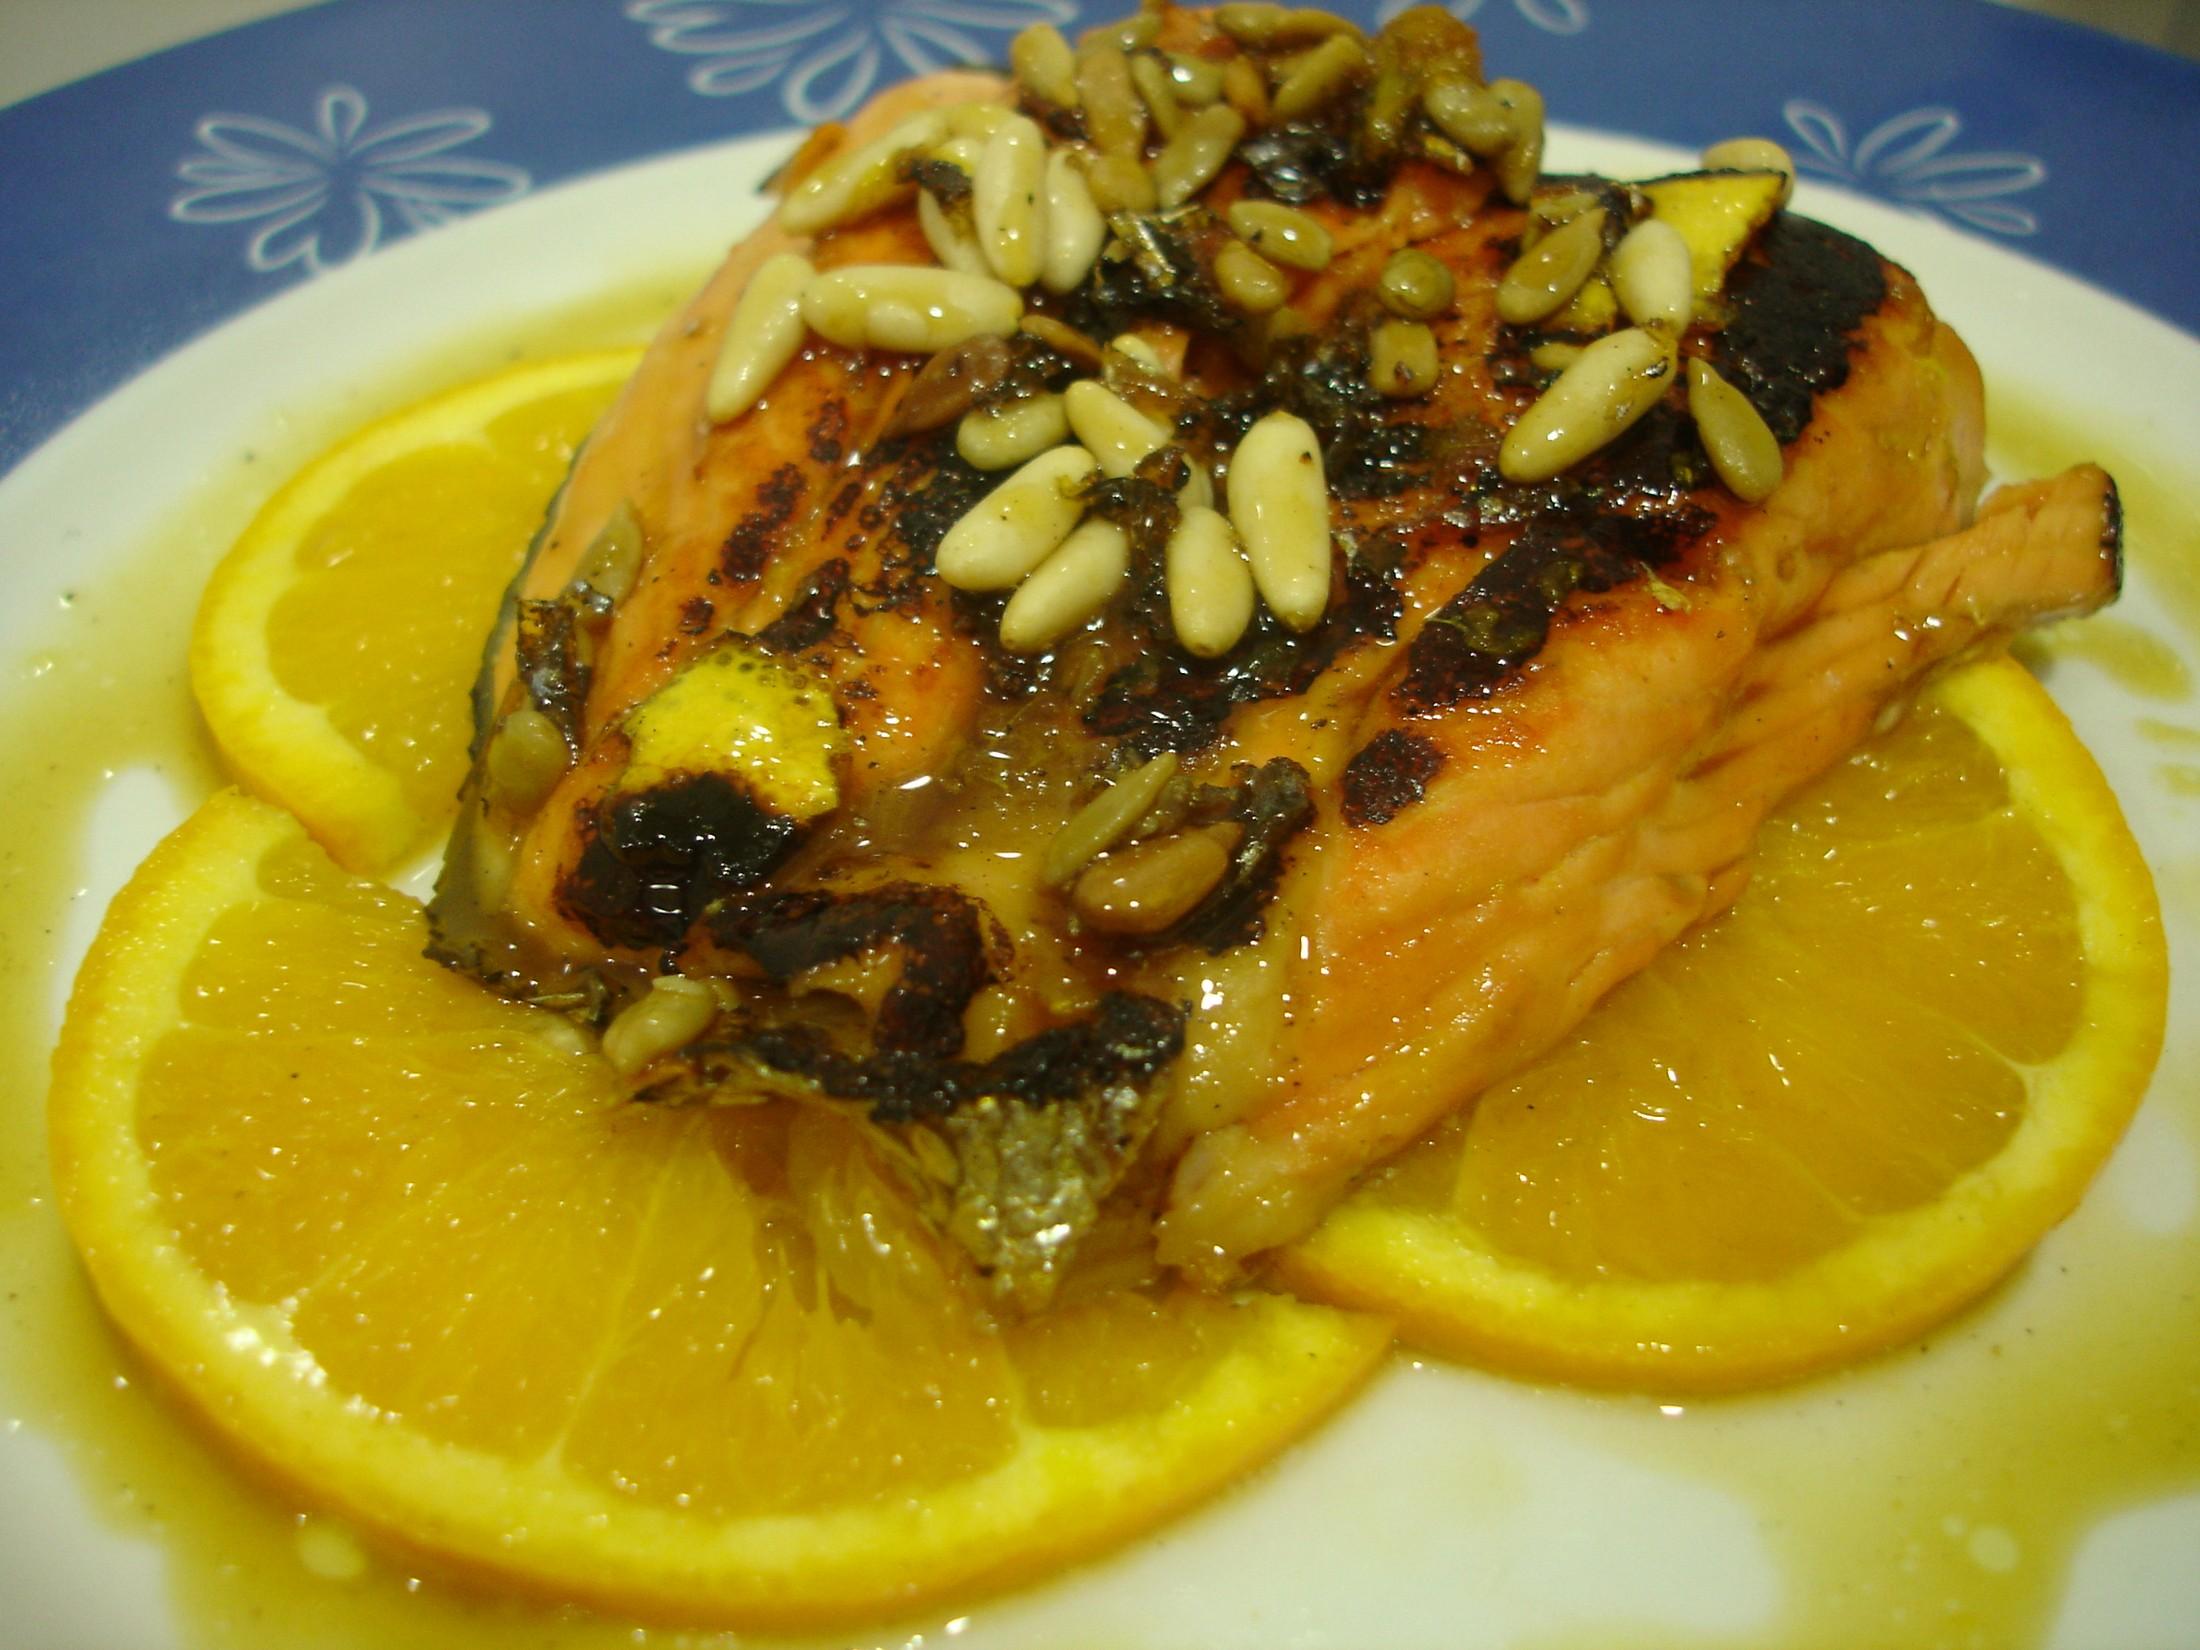 Receta de salmón a la plancha con jarabe de naranja